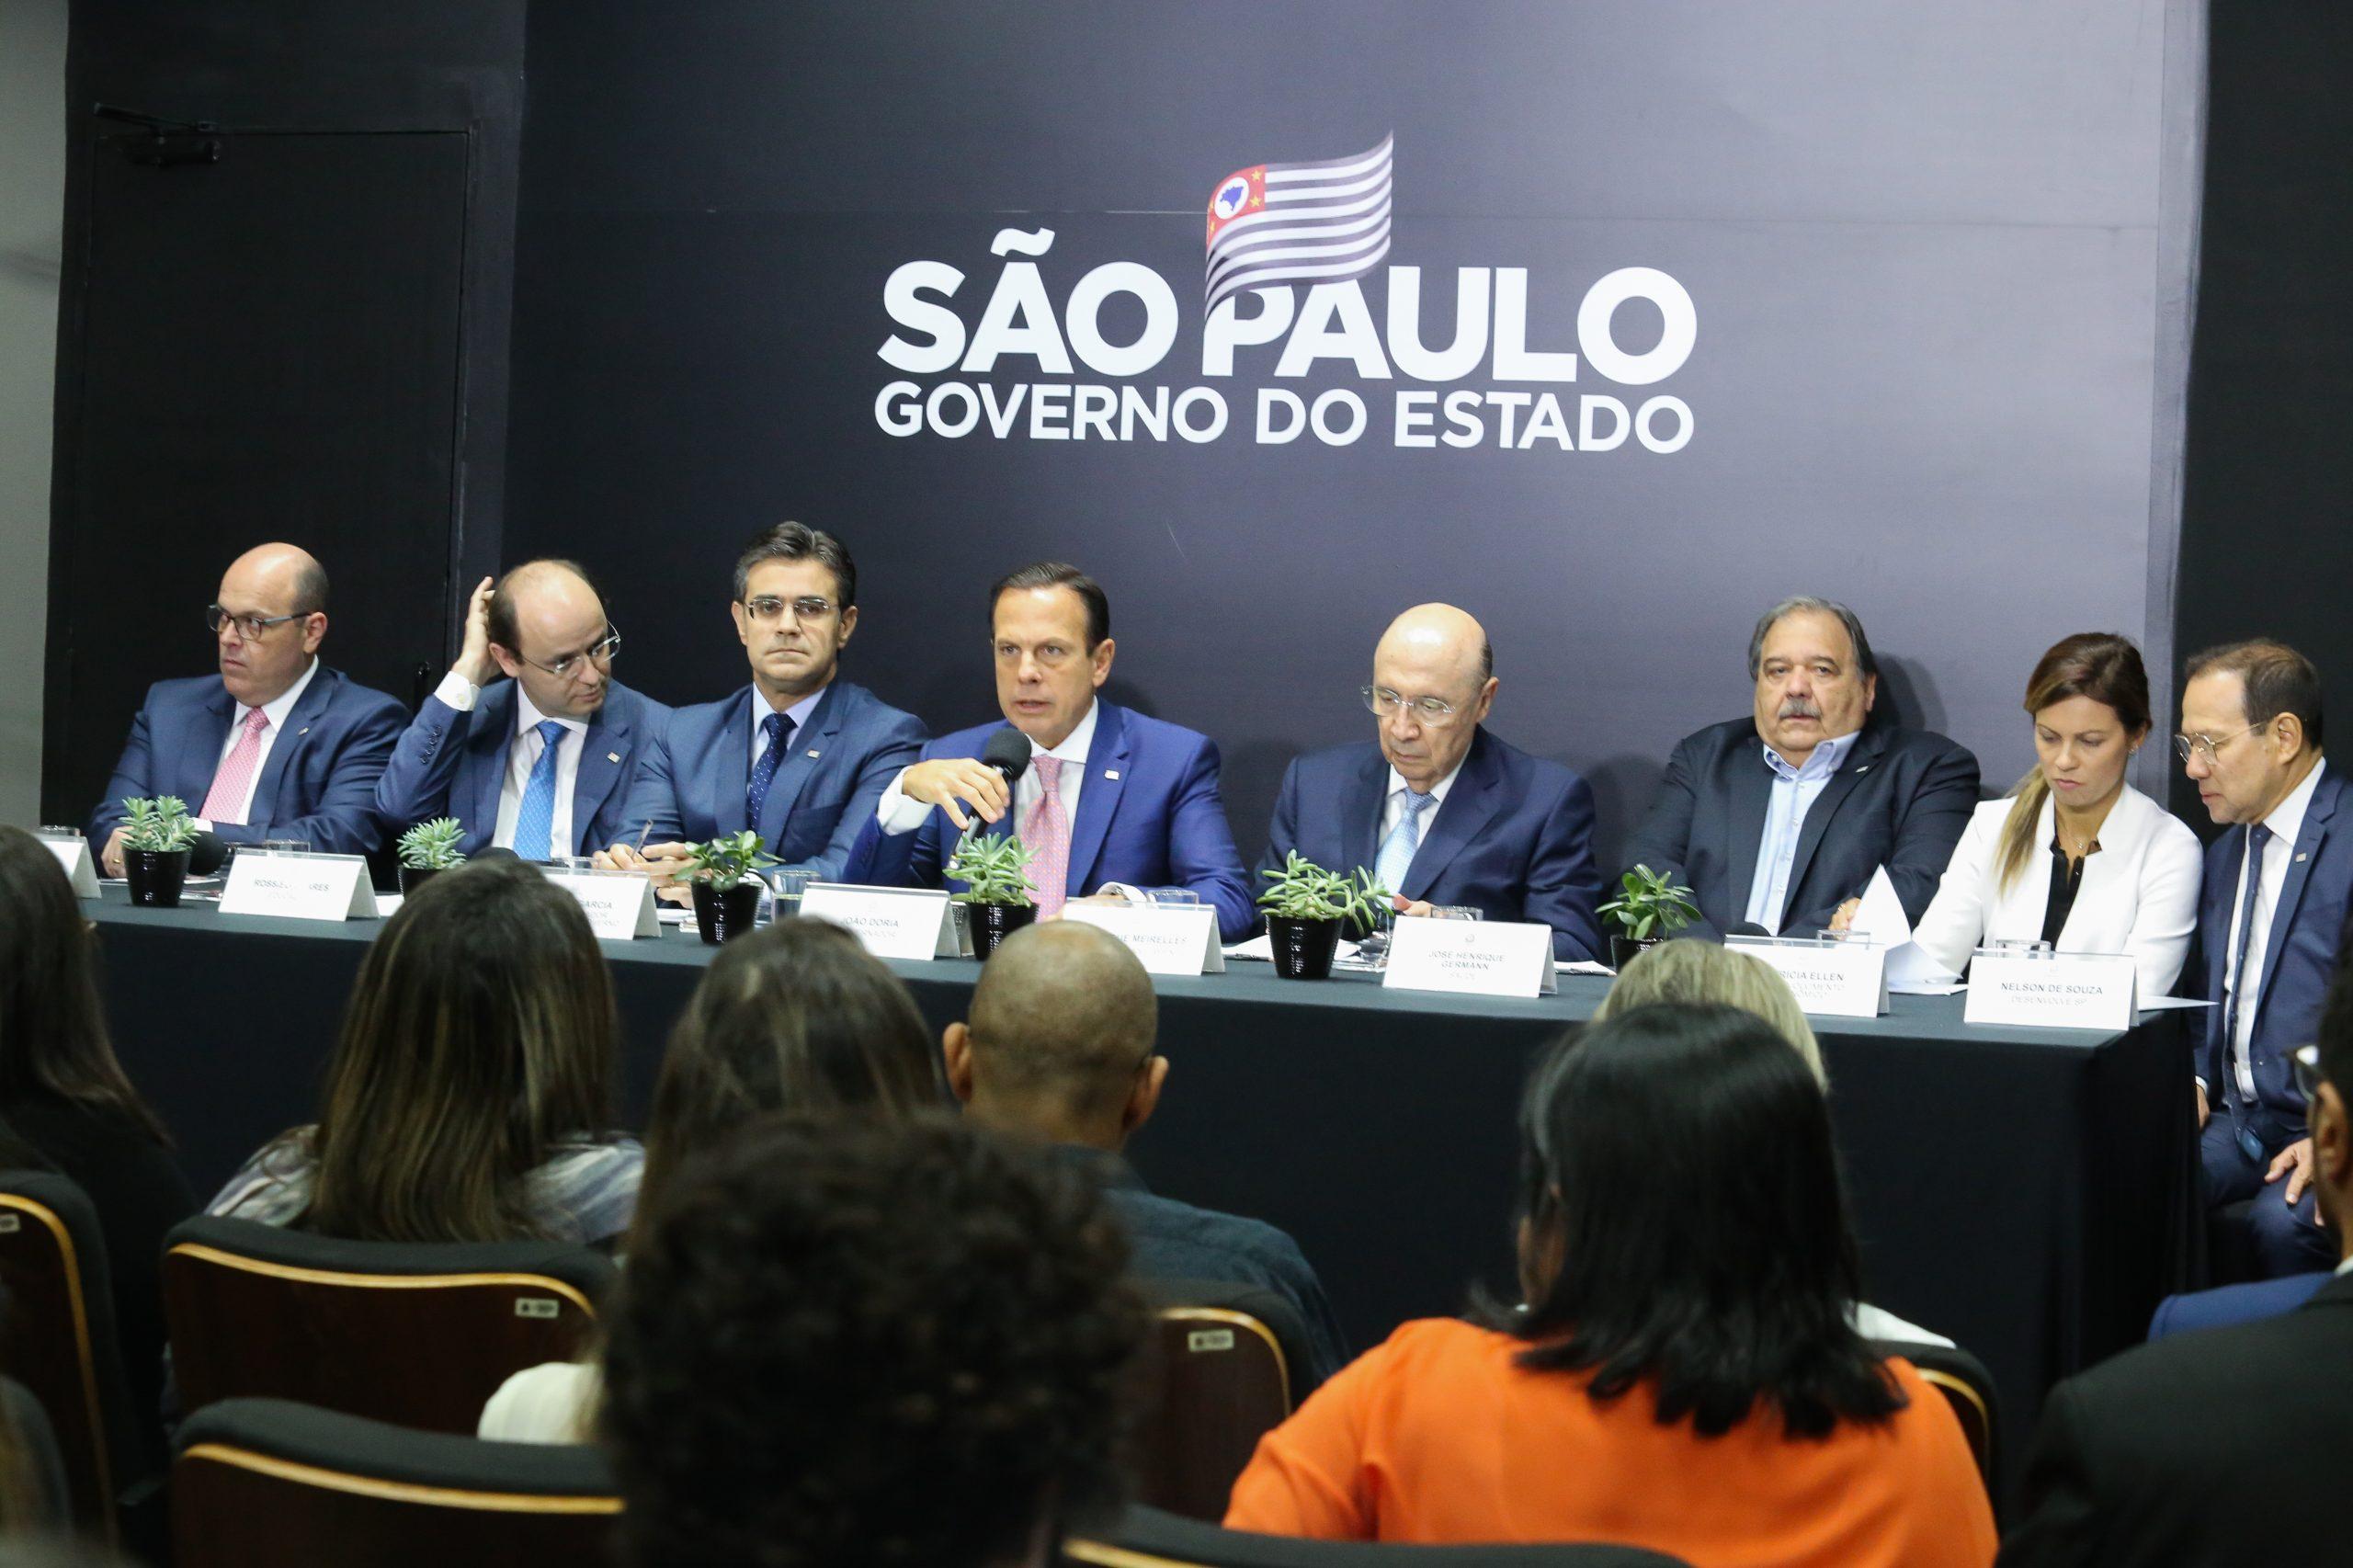 Coletiva para divulgação das medidas com a comissão de monitoramento dos impactos econômicos do coronavírus (Divulgação: Governo do Estado de São Paulo)